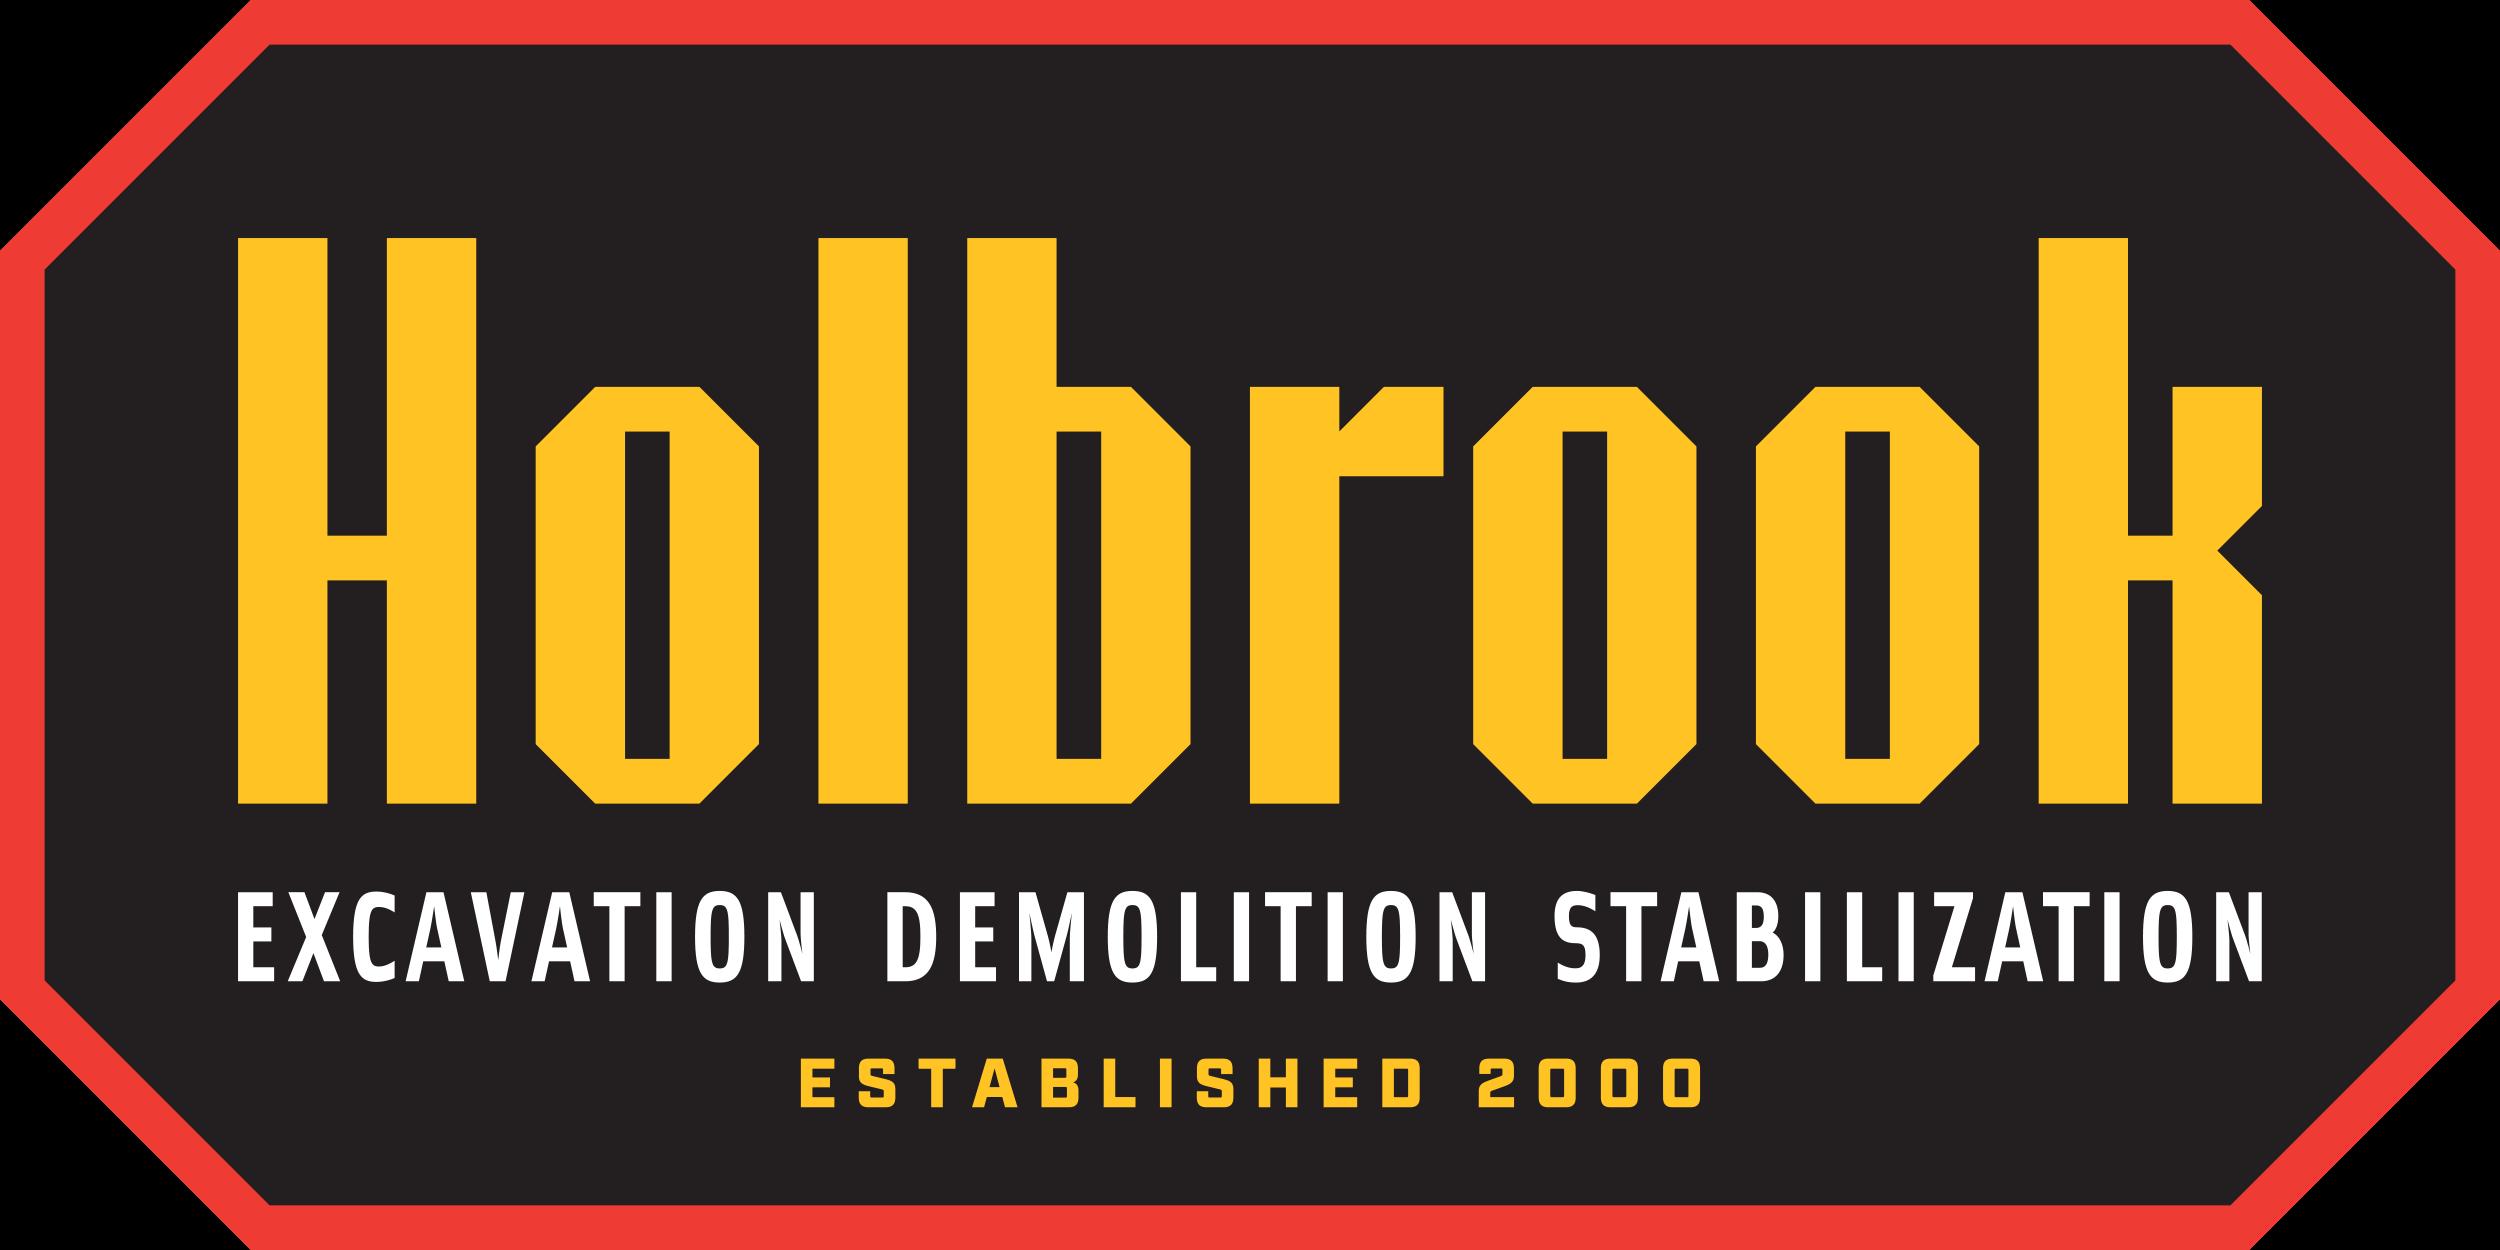 The Holbrook Company